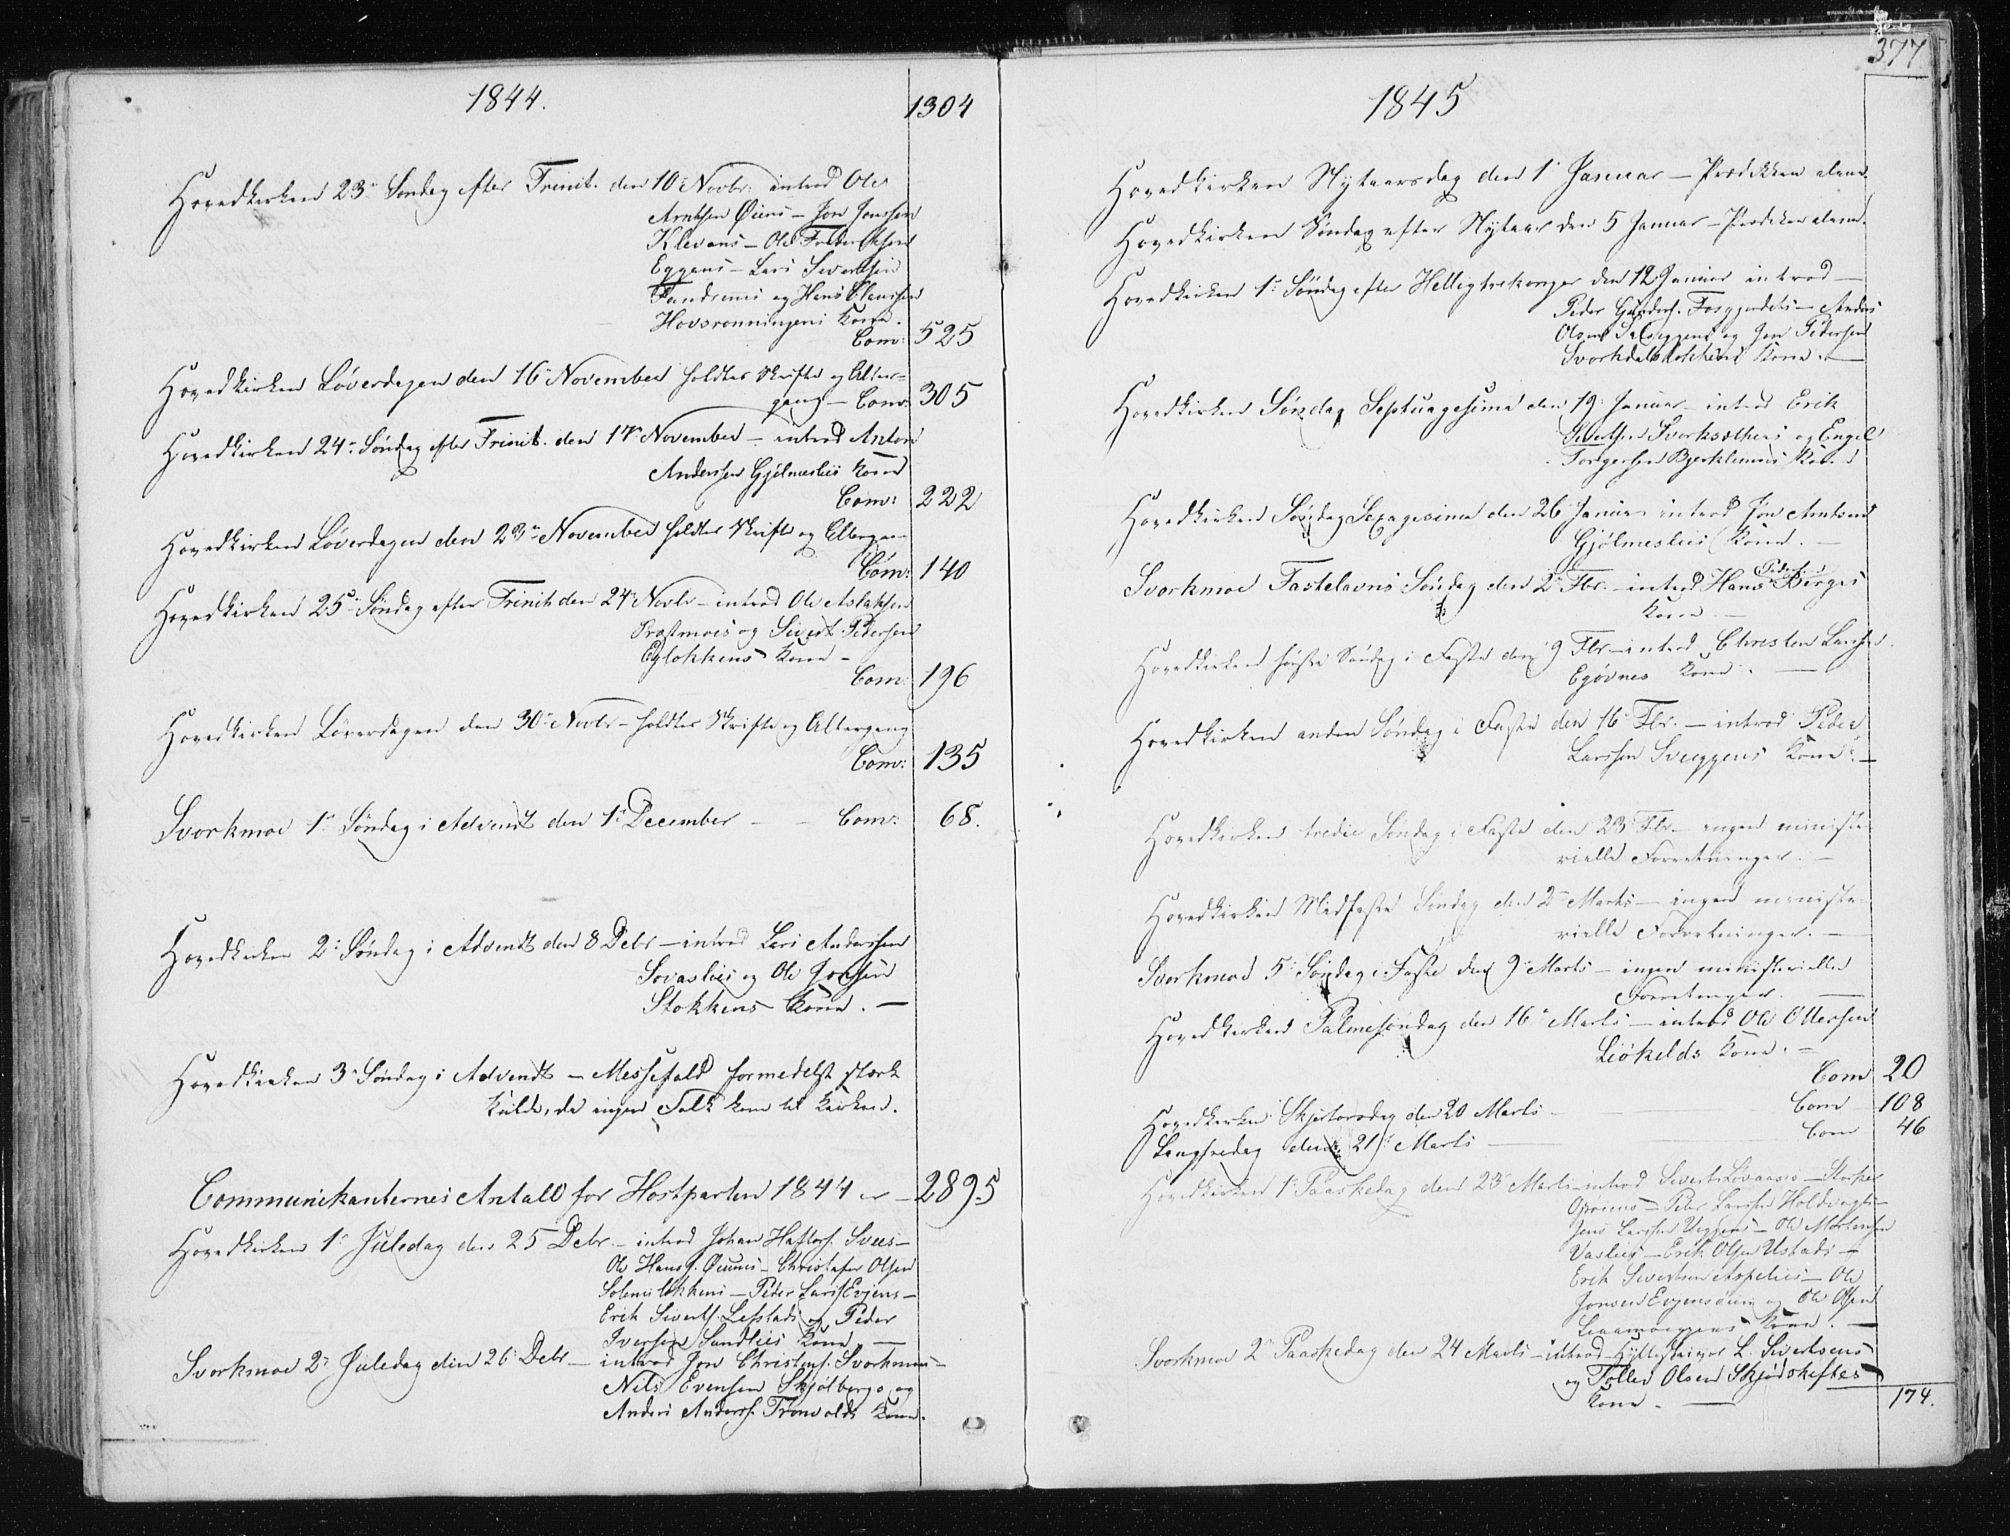 SAT, Ministerialprotokoller, klokkerbøker og fødselsregistre - Sør-Trøndelag, 668/L0805: Ministerialbok nr. 668A05, 1840-1853, s. 377